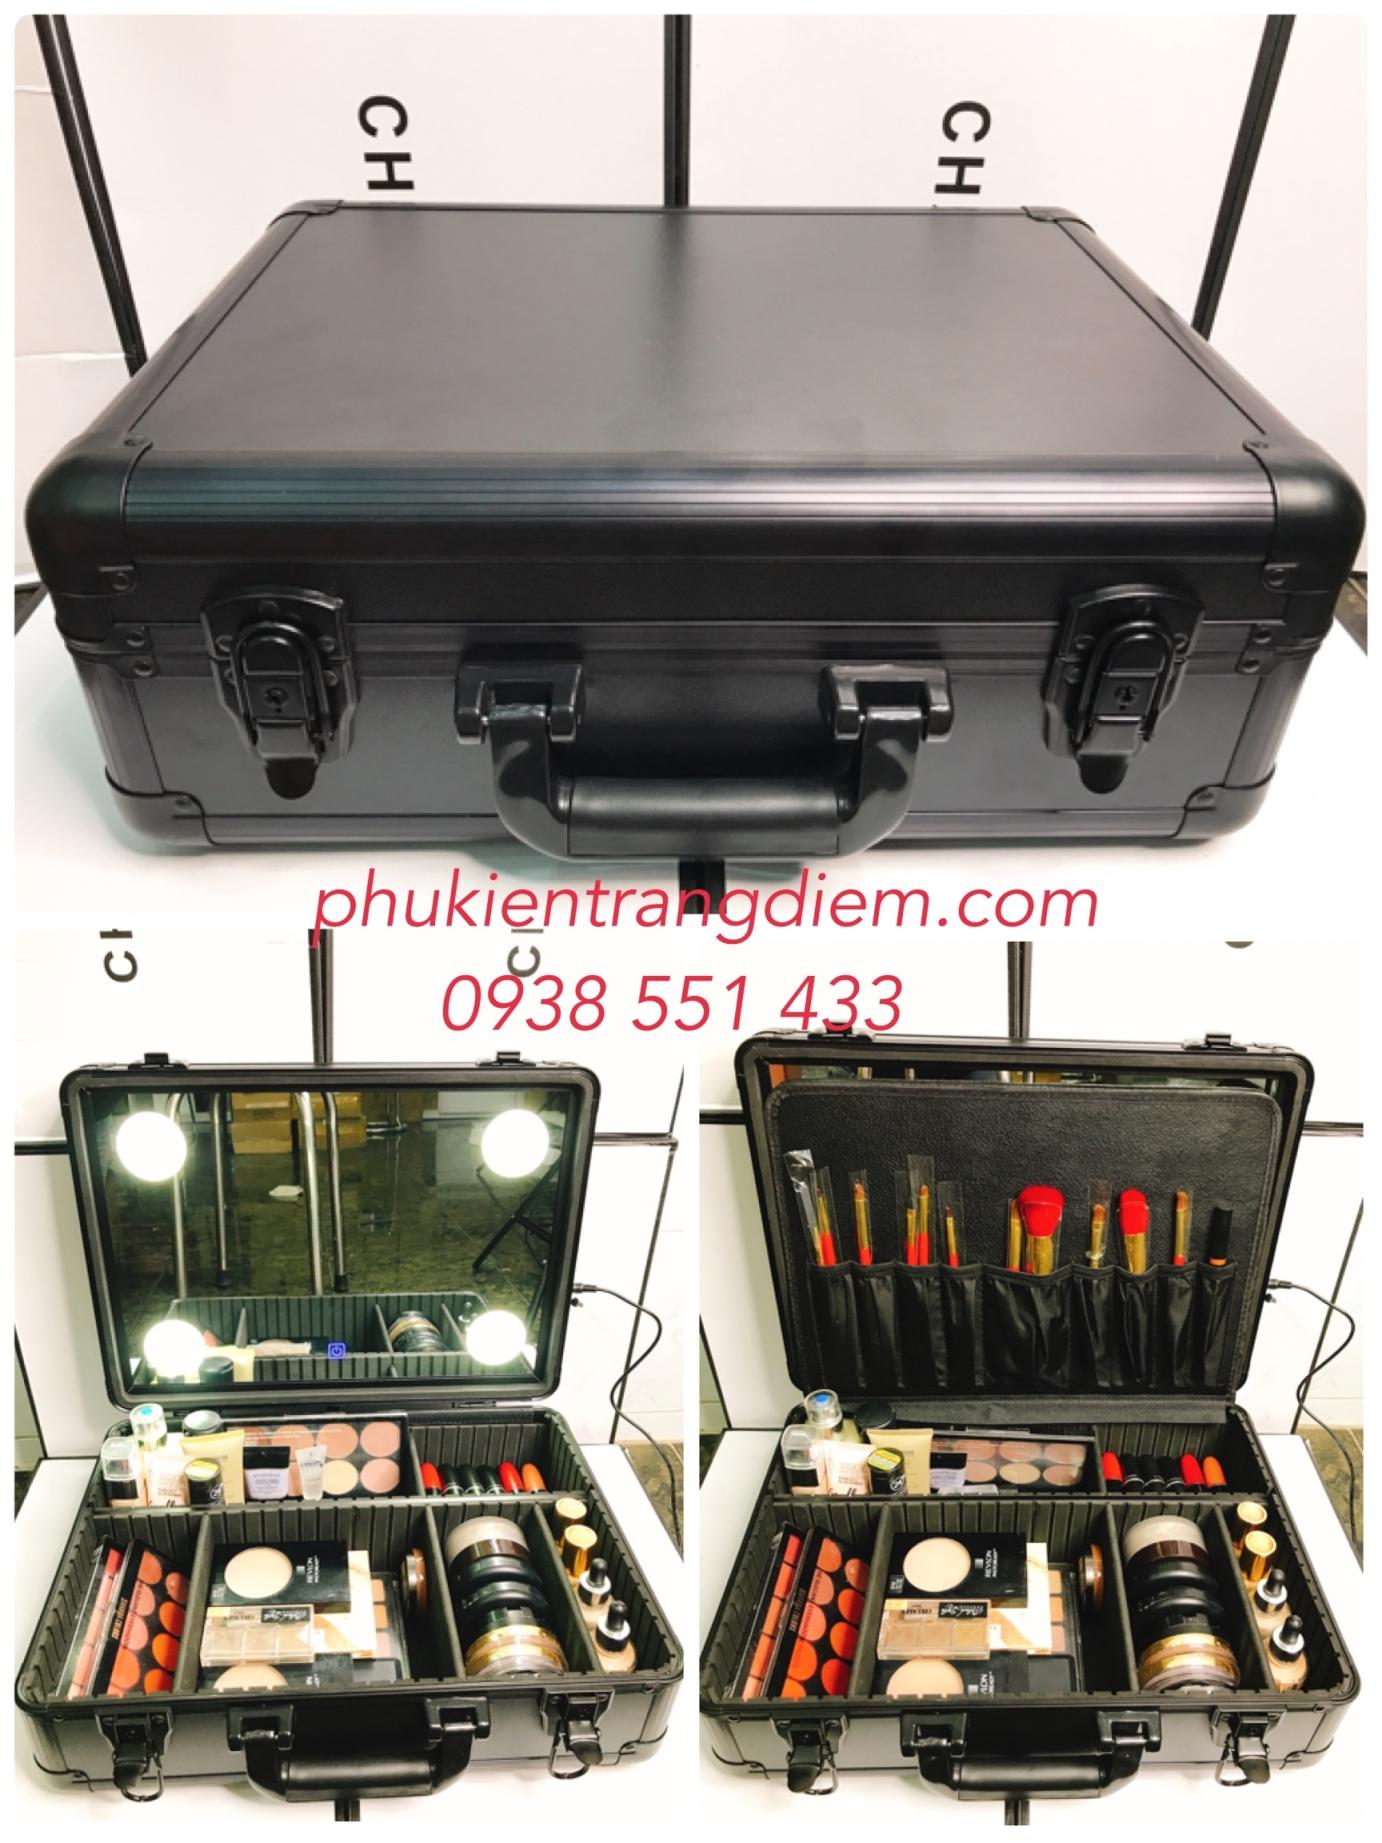 cốp vali thùng trang điểm xách tay có đèn và gương cao cấp